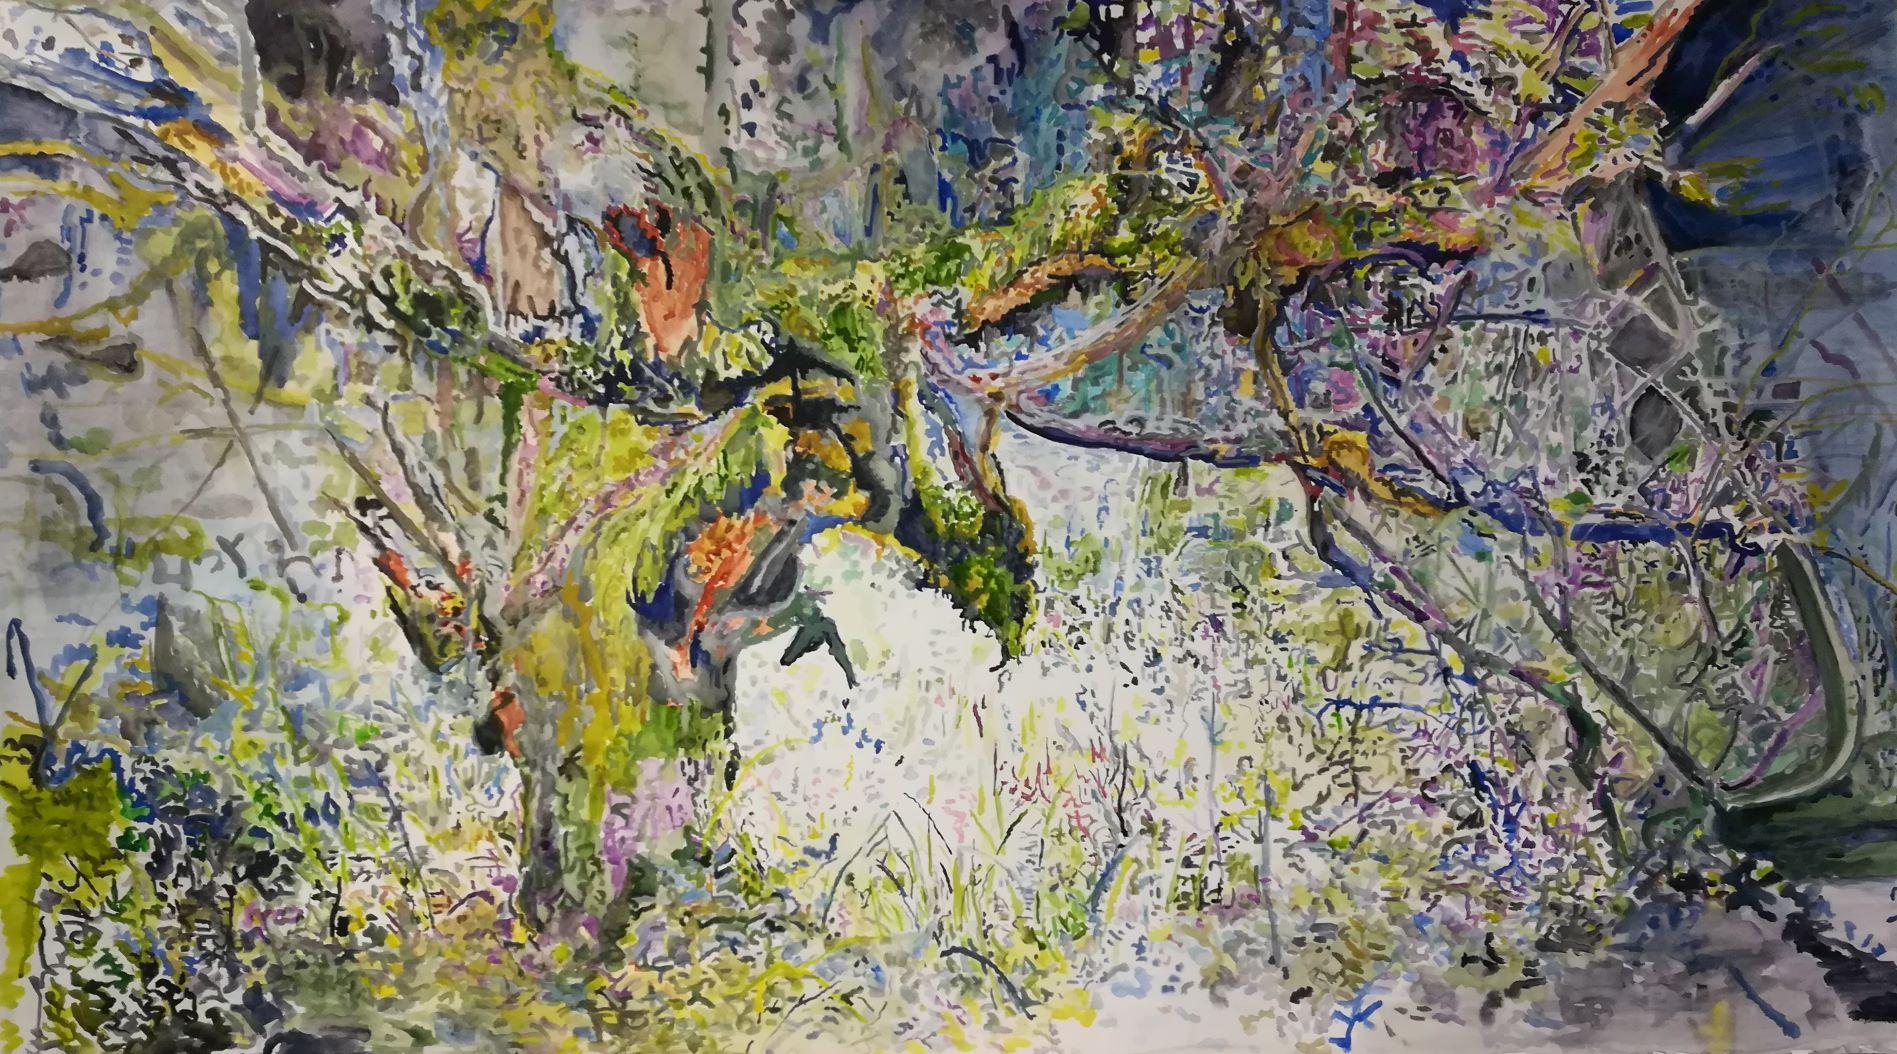 Vanha puu , akvarelli 2019 150x90cm